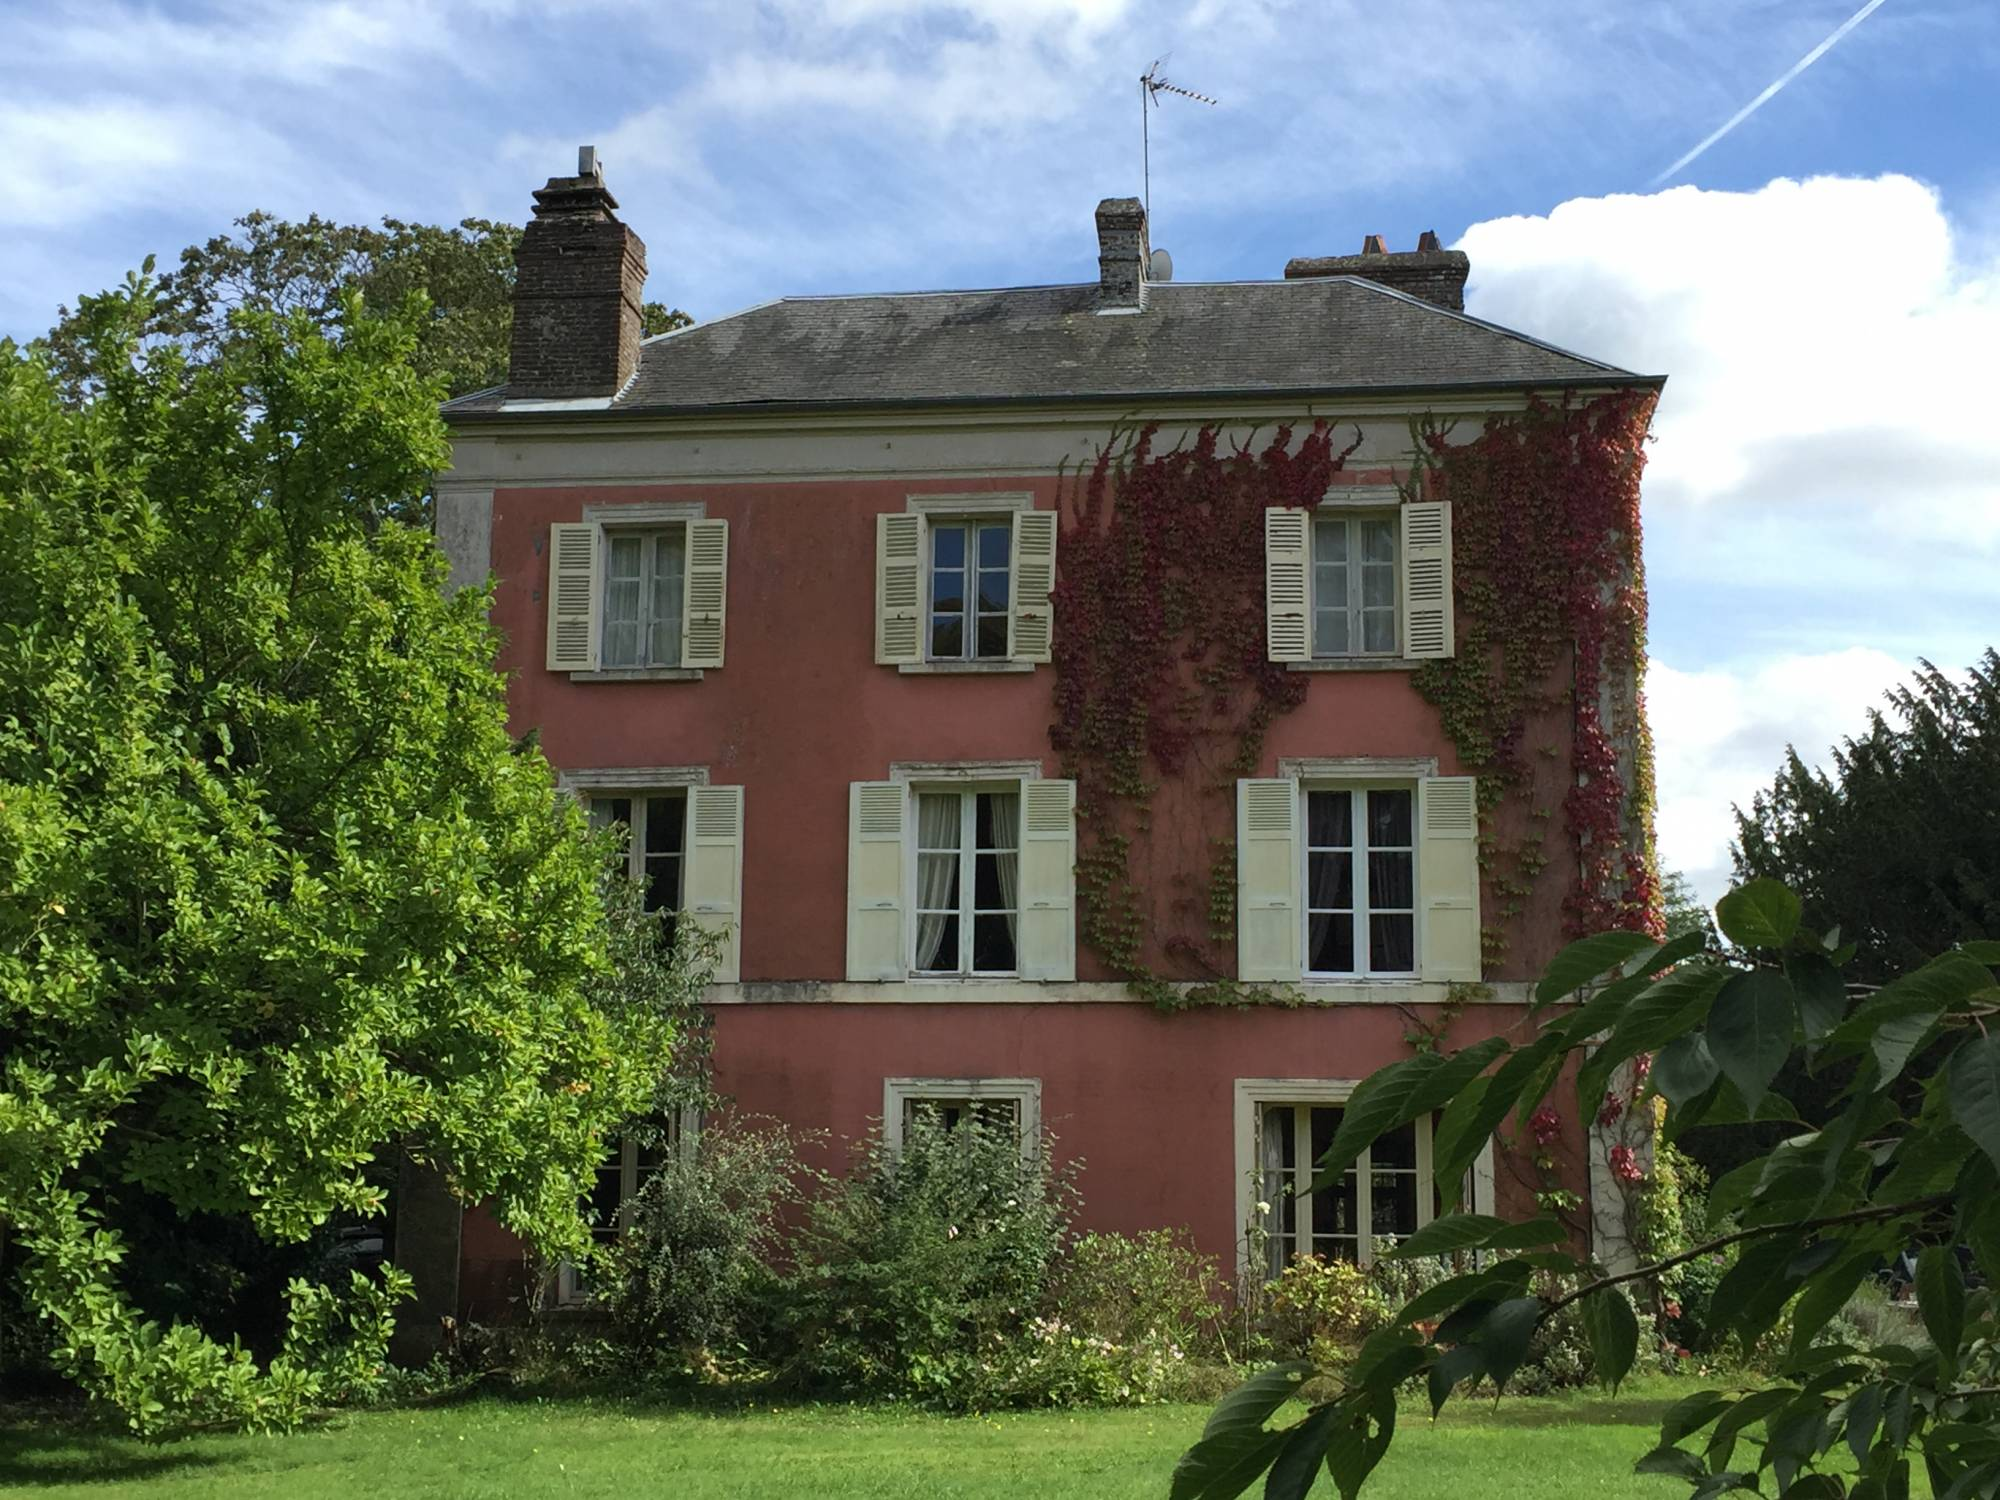 Vend Propriété bourgeoise sur un parc d'1ha5 en Normandie, Calvados 14130